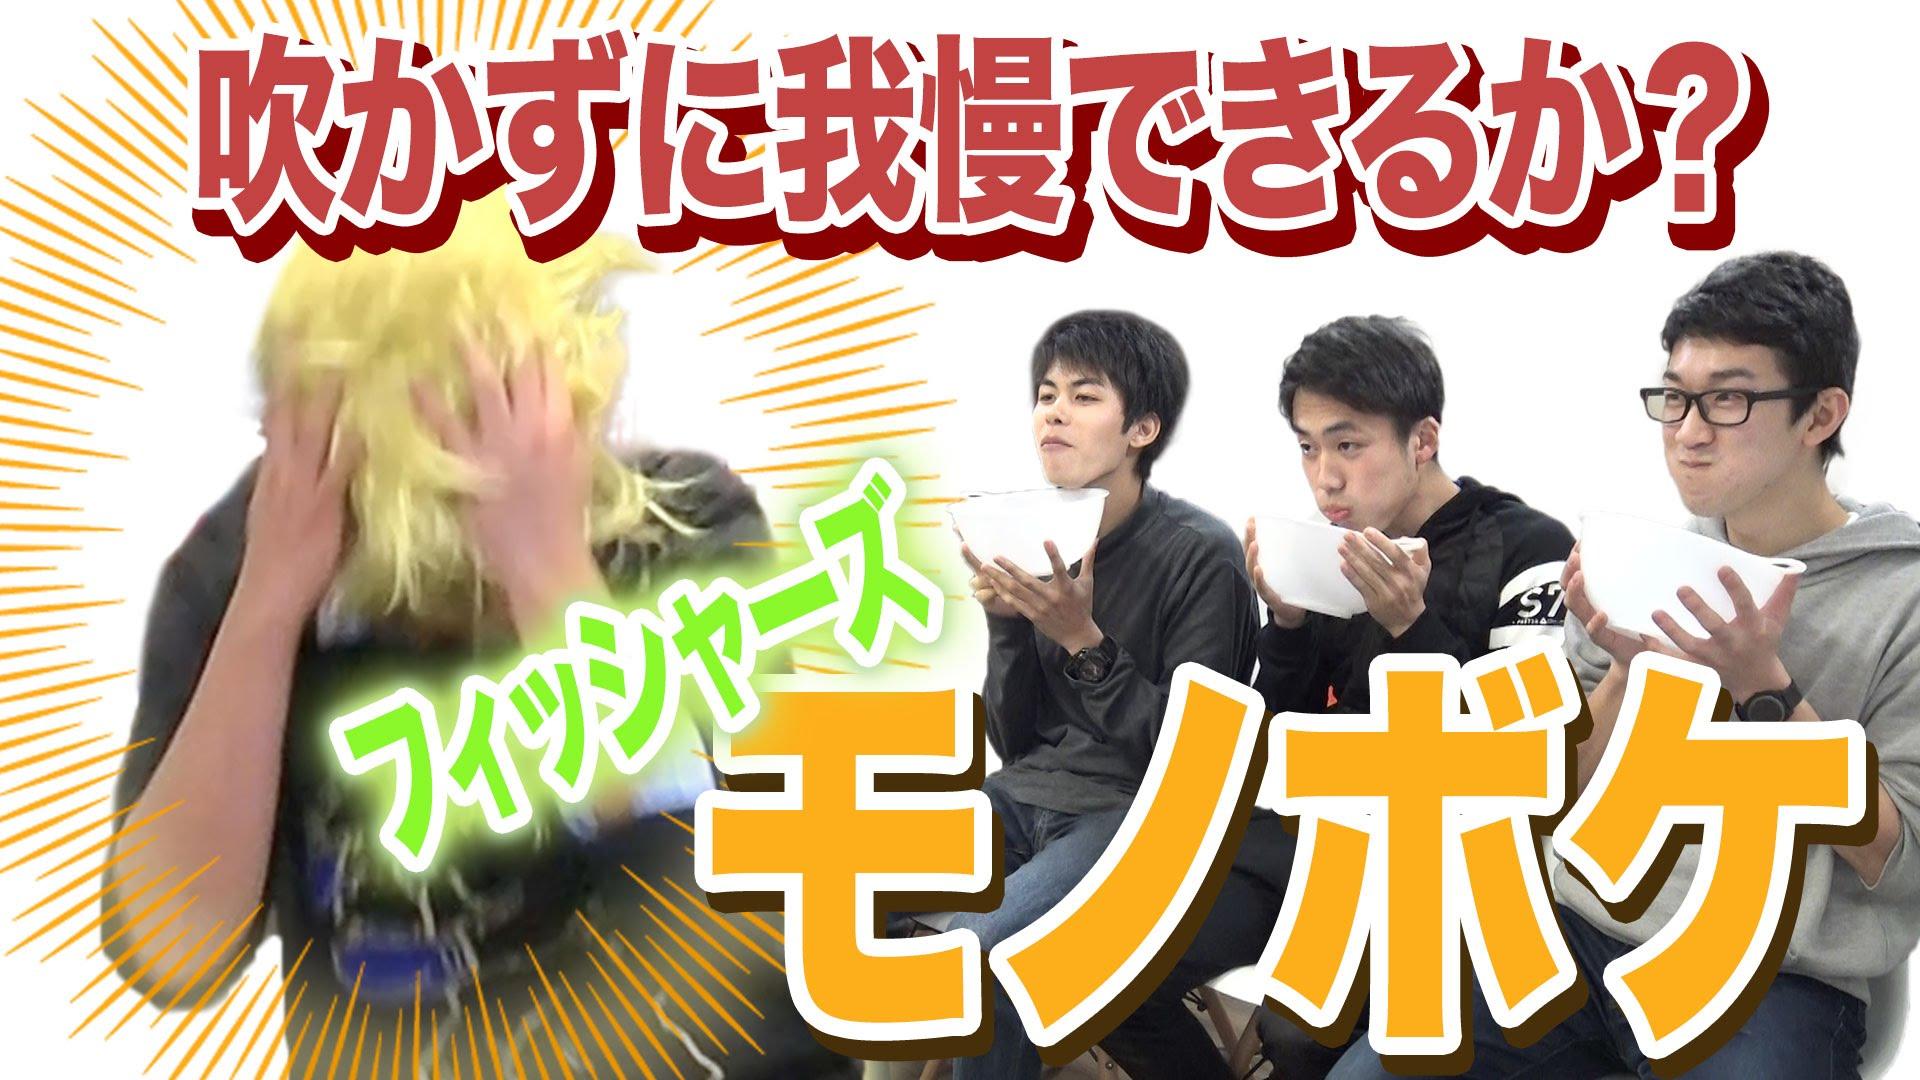 【フィッシャーズ】爆笑!?モノボケ対決!